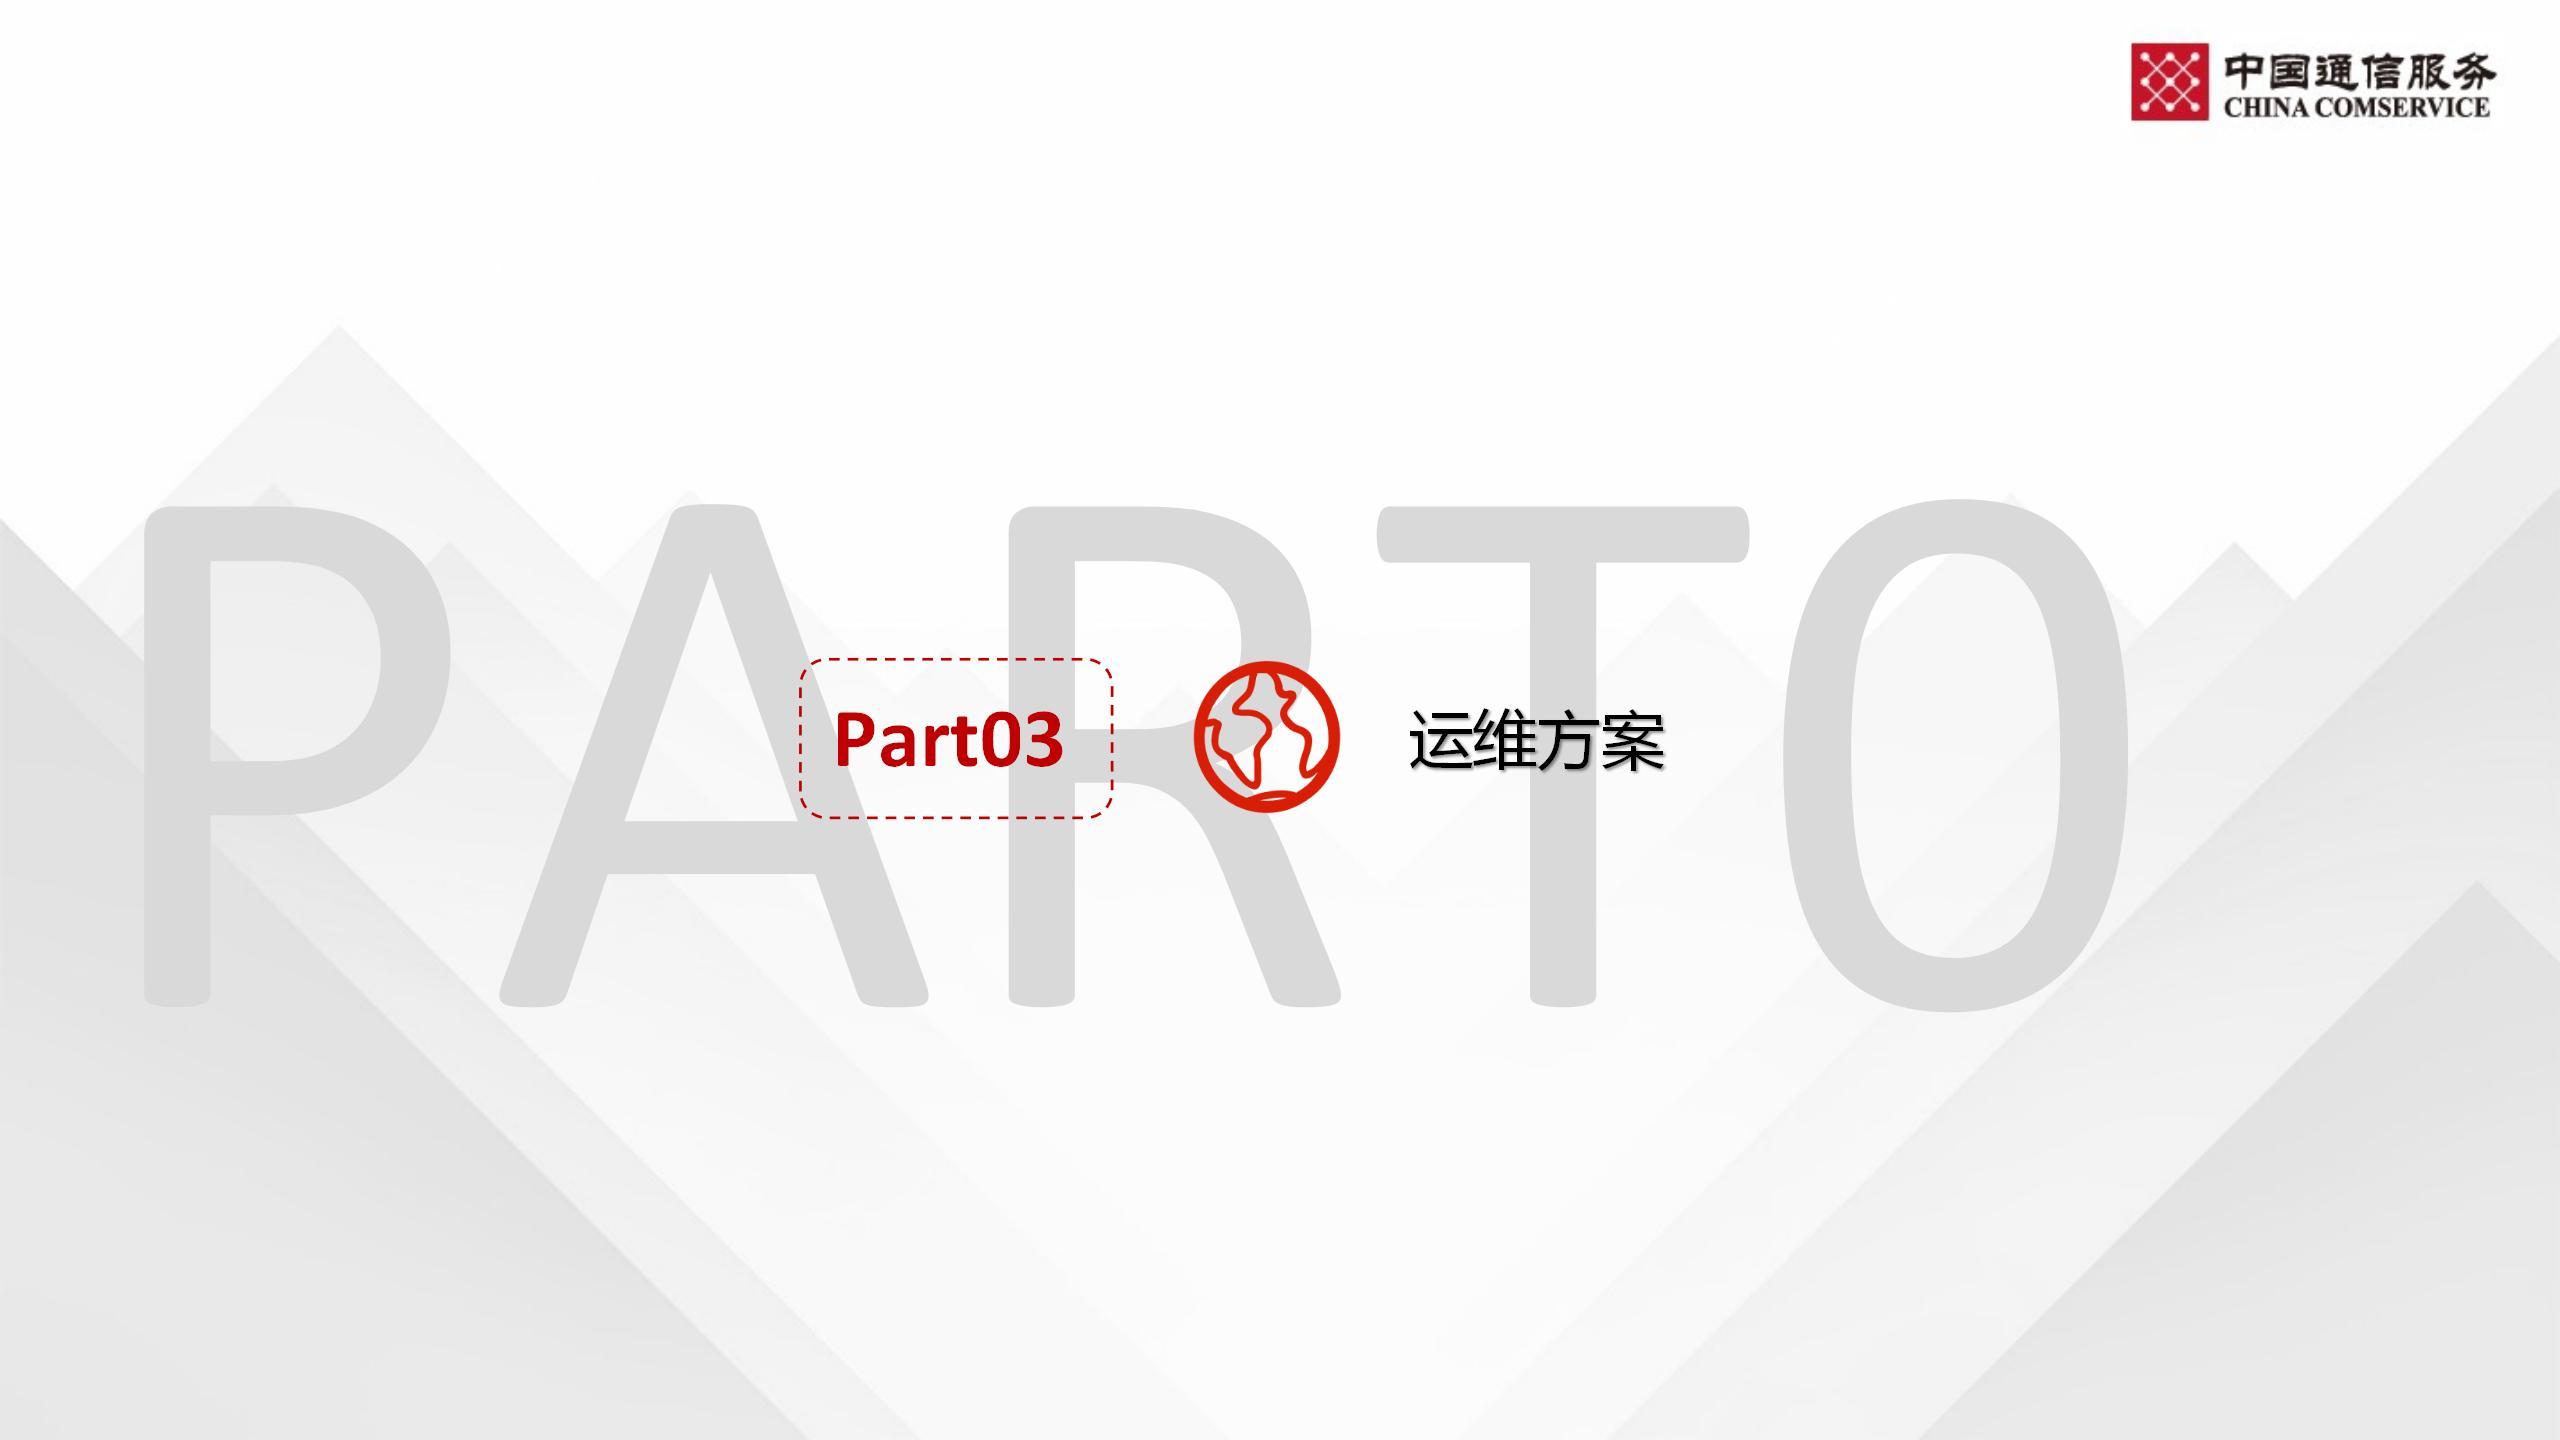 2019浦发银行微刊运维方案,传统报刊微信营销策略